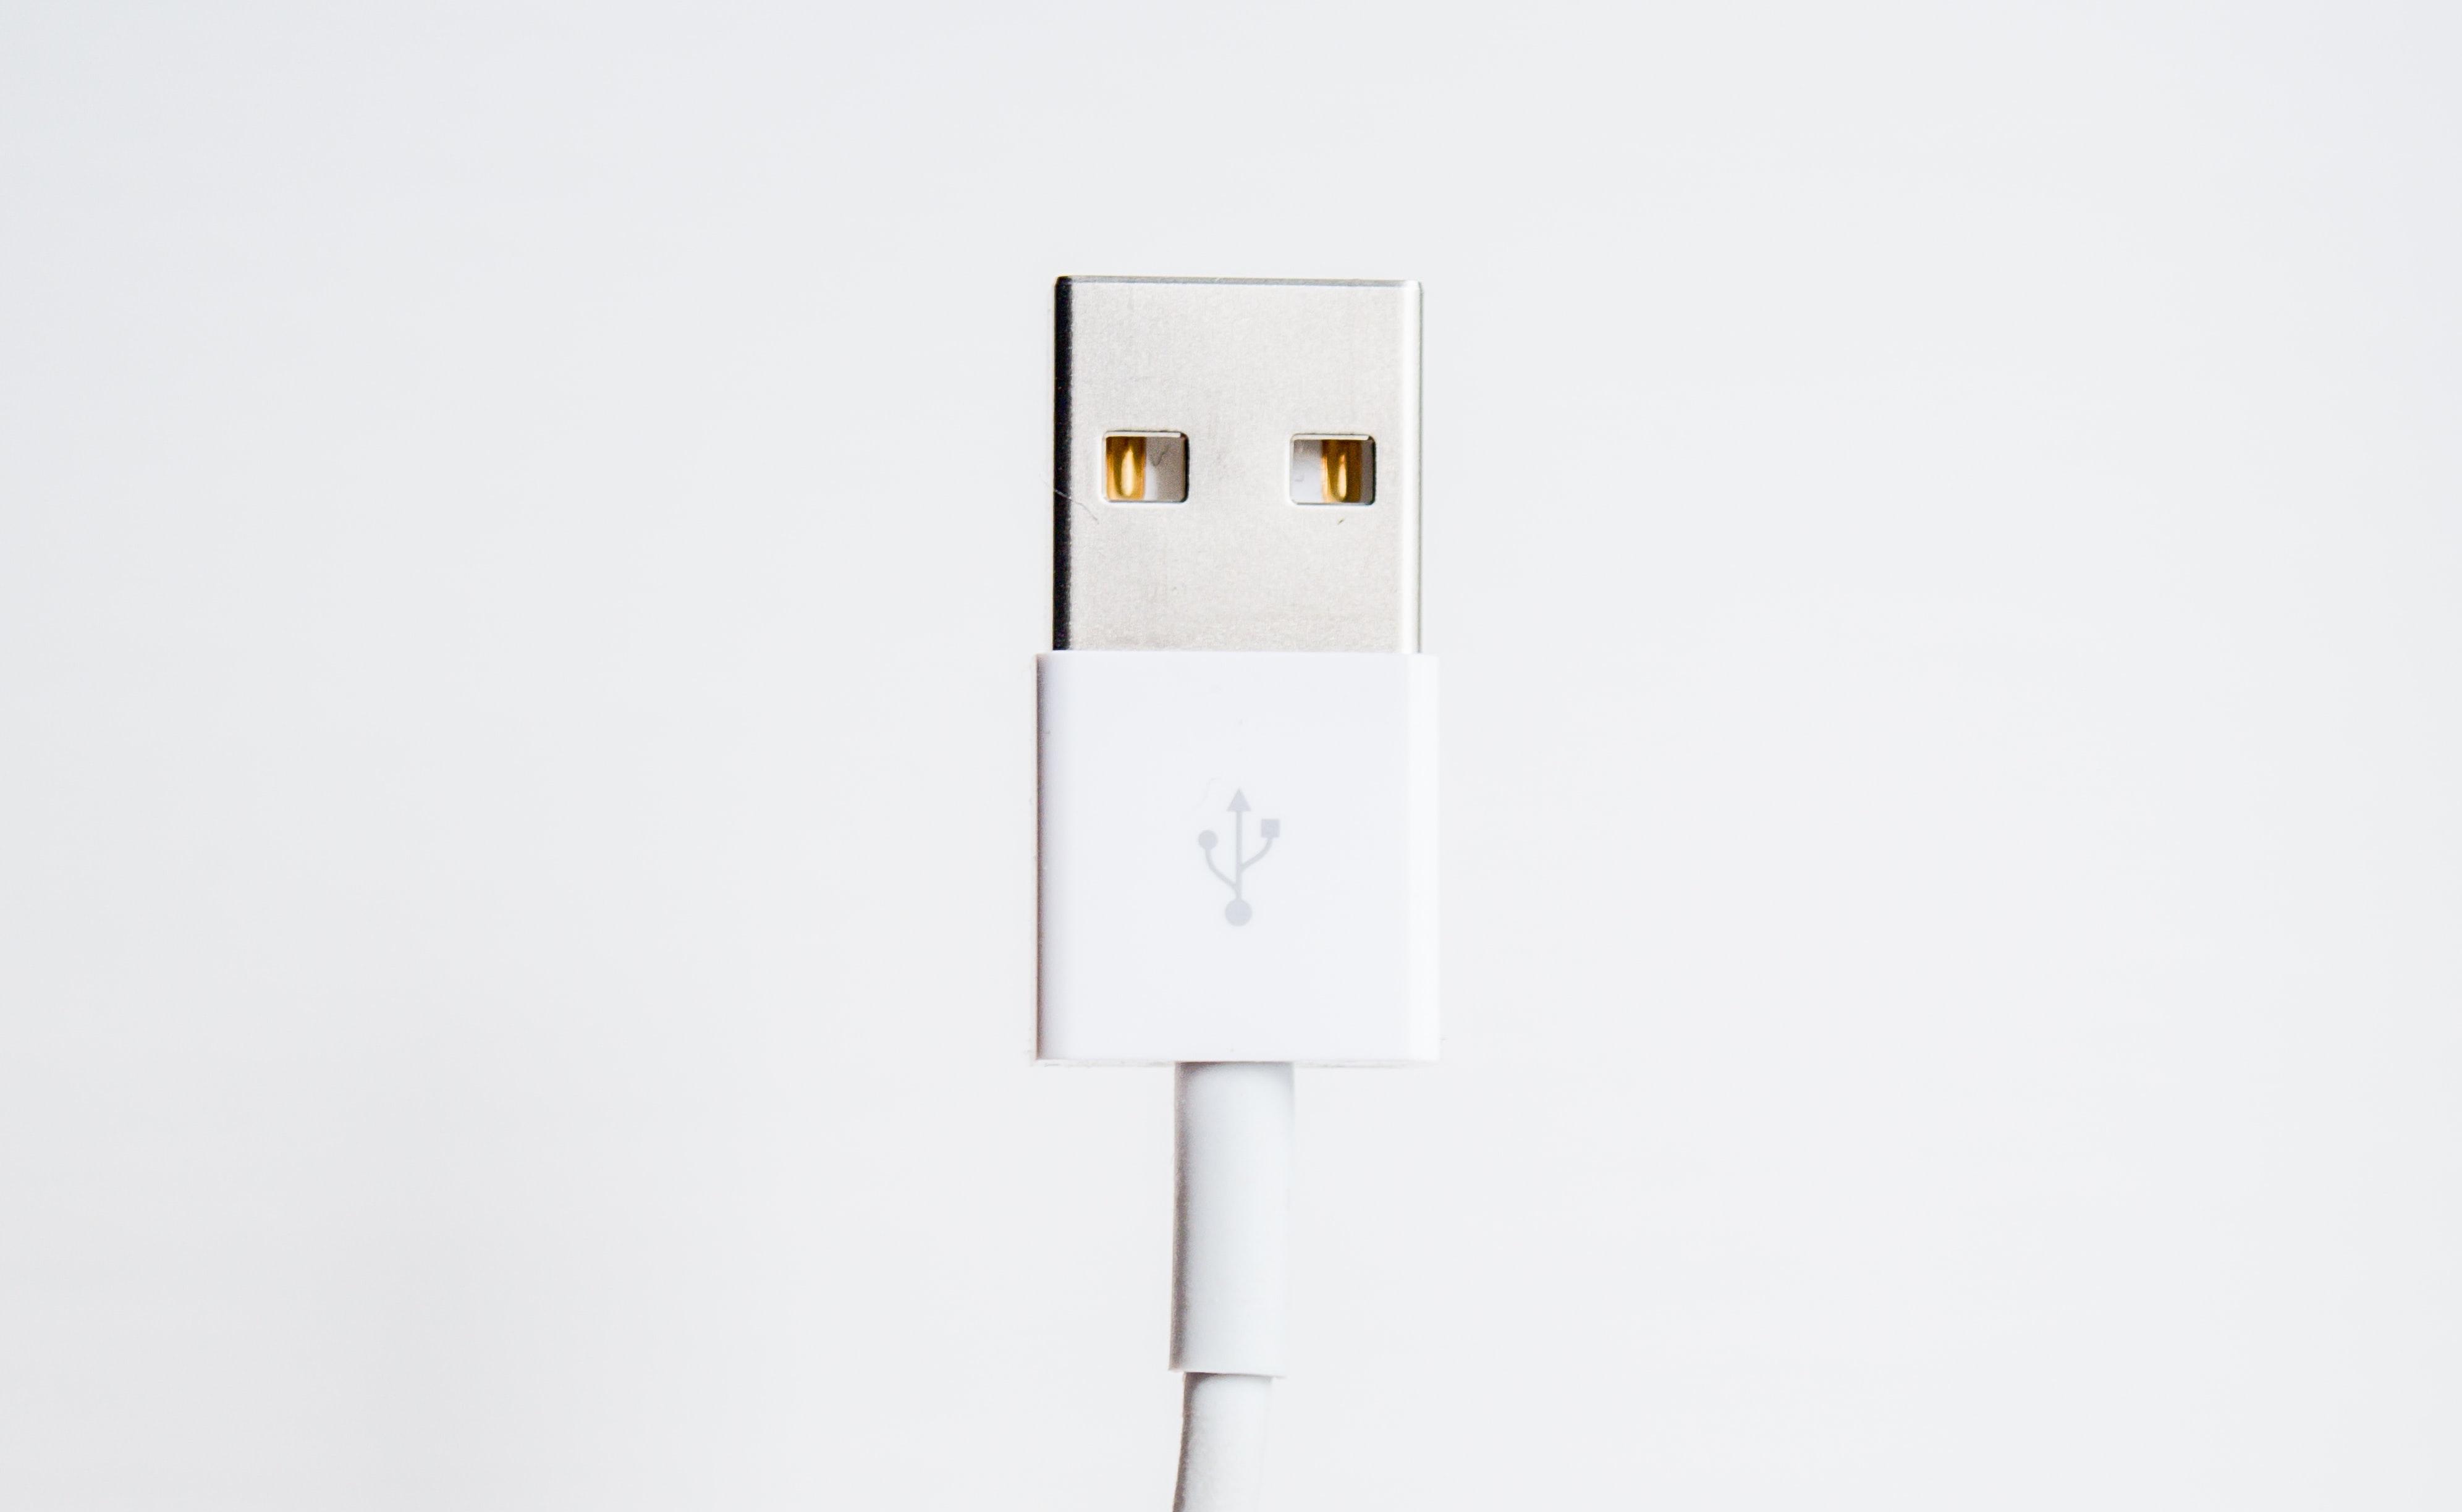 A töltő és fülhallgató eltűnik arégebbi iPhone készülékek csomagolásából